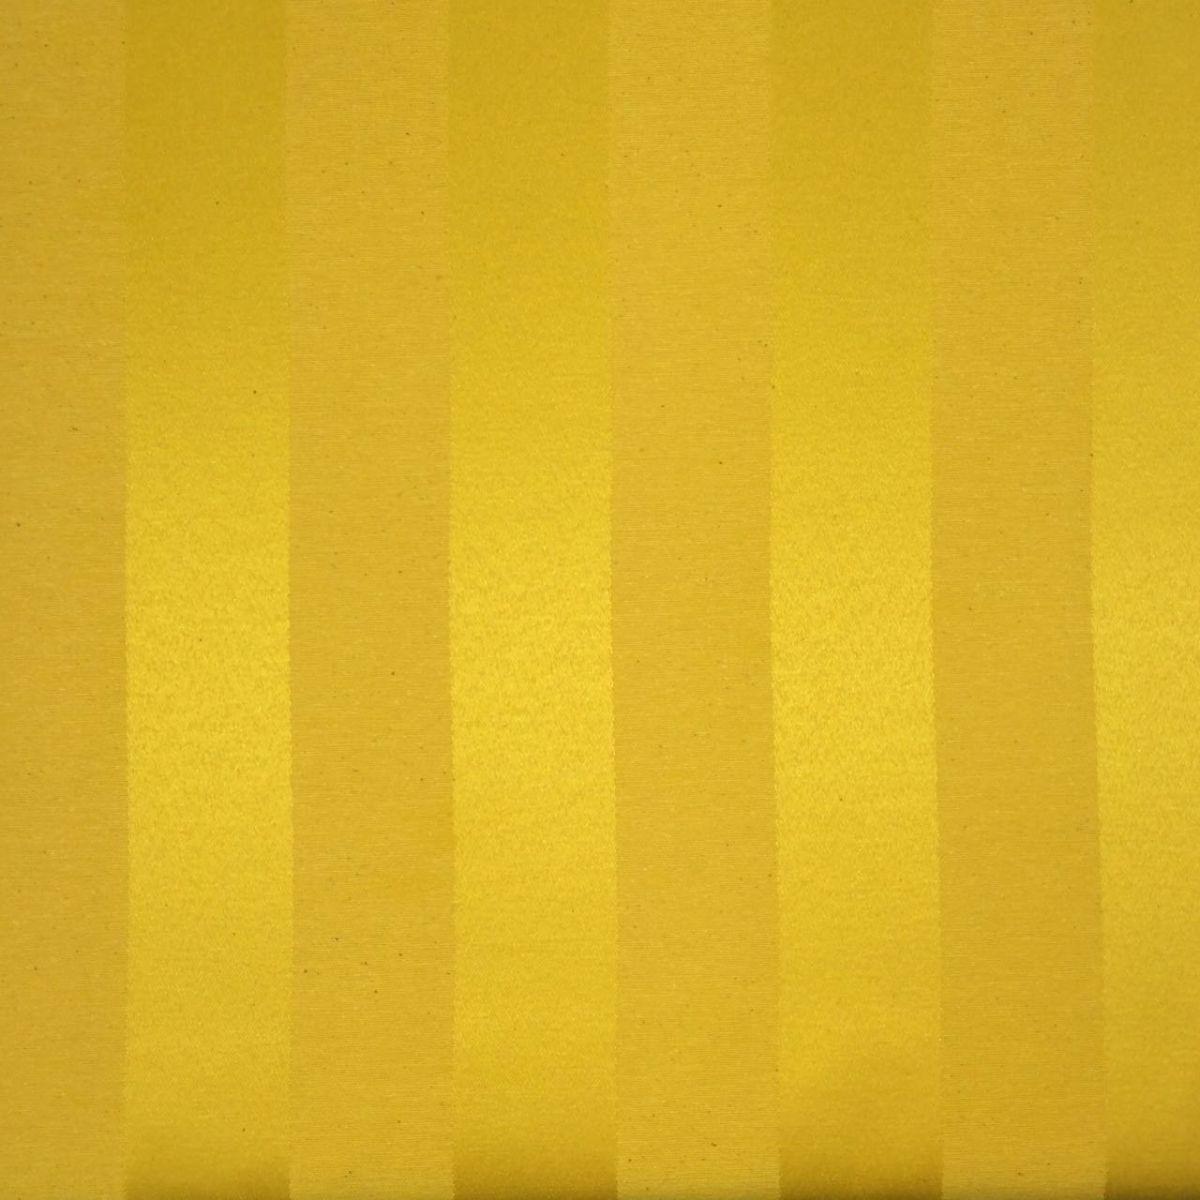 Tecido Jacquard Amarelo Ouro Listrado 2.80 de Largura